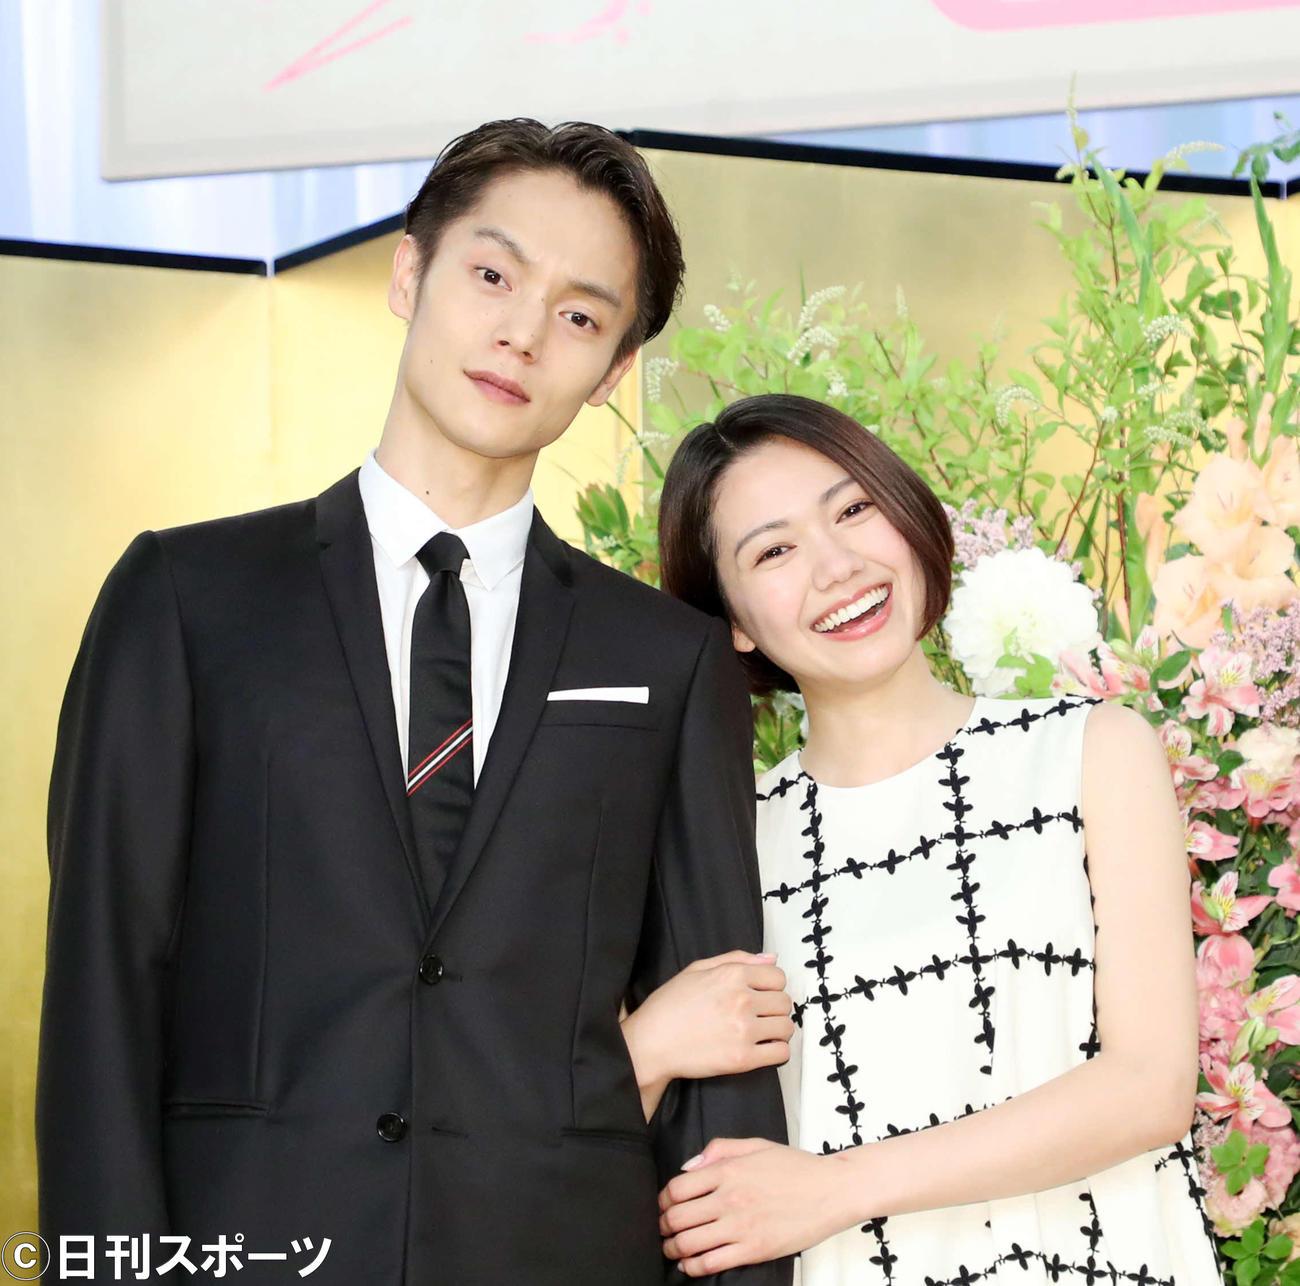 NHK連続テレビ小説「エール」に出演する窪田正孝(左)と二階堂ふみ(19年6月撮影)